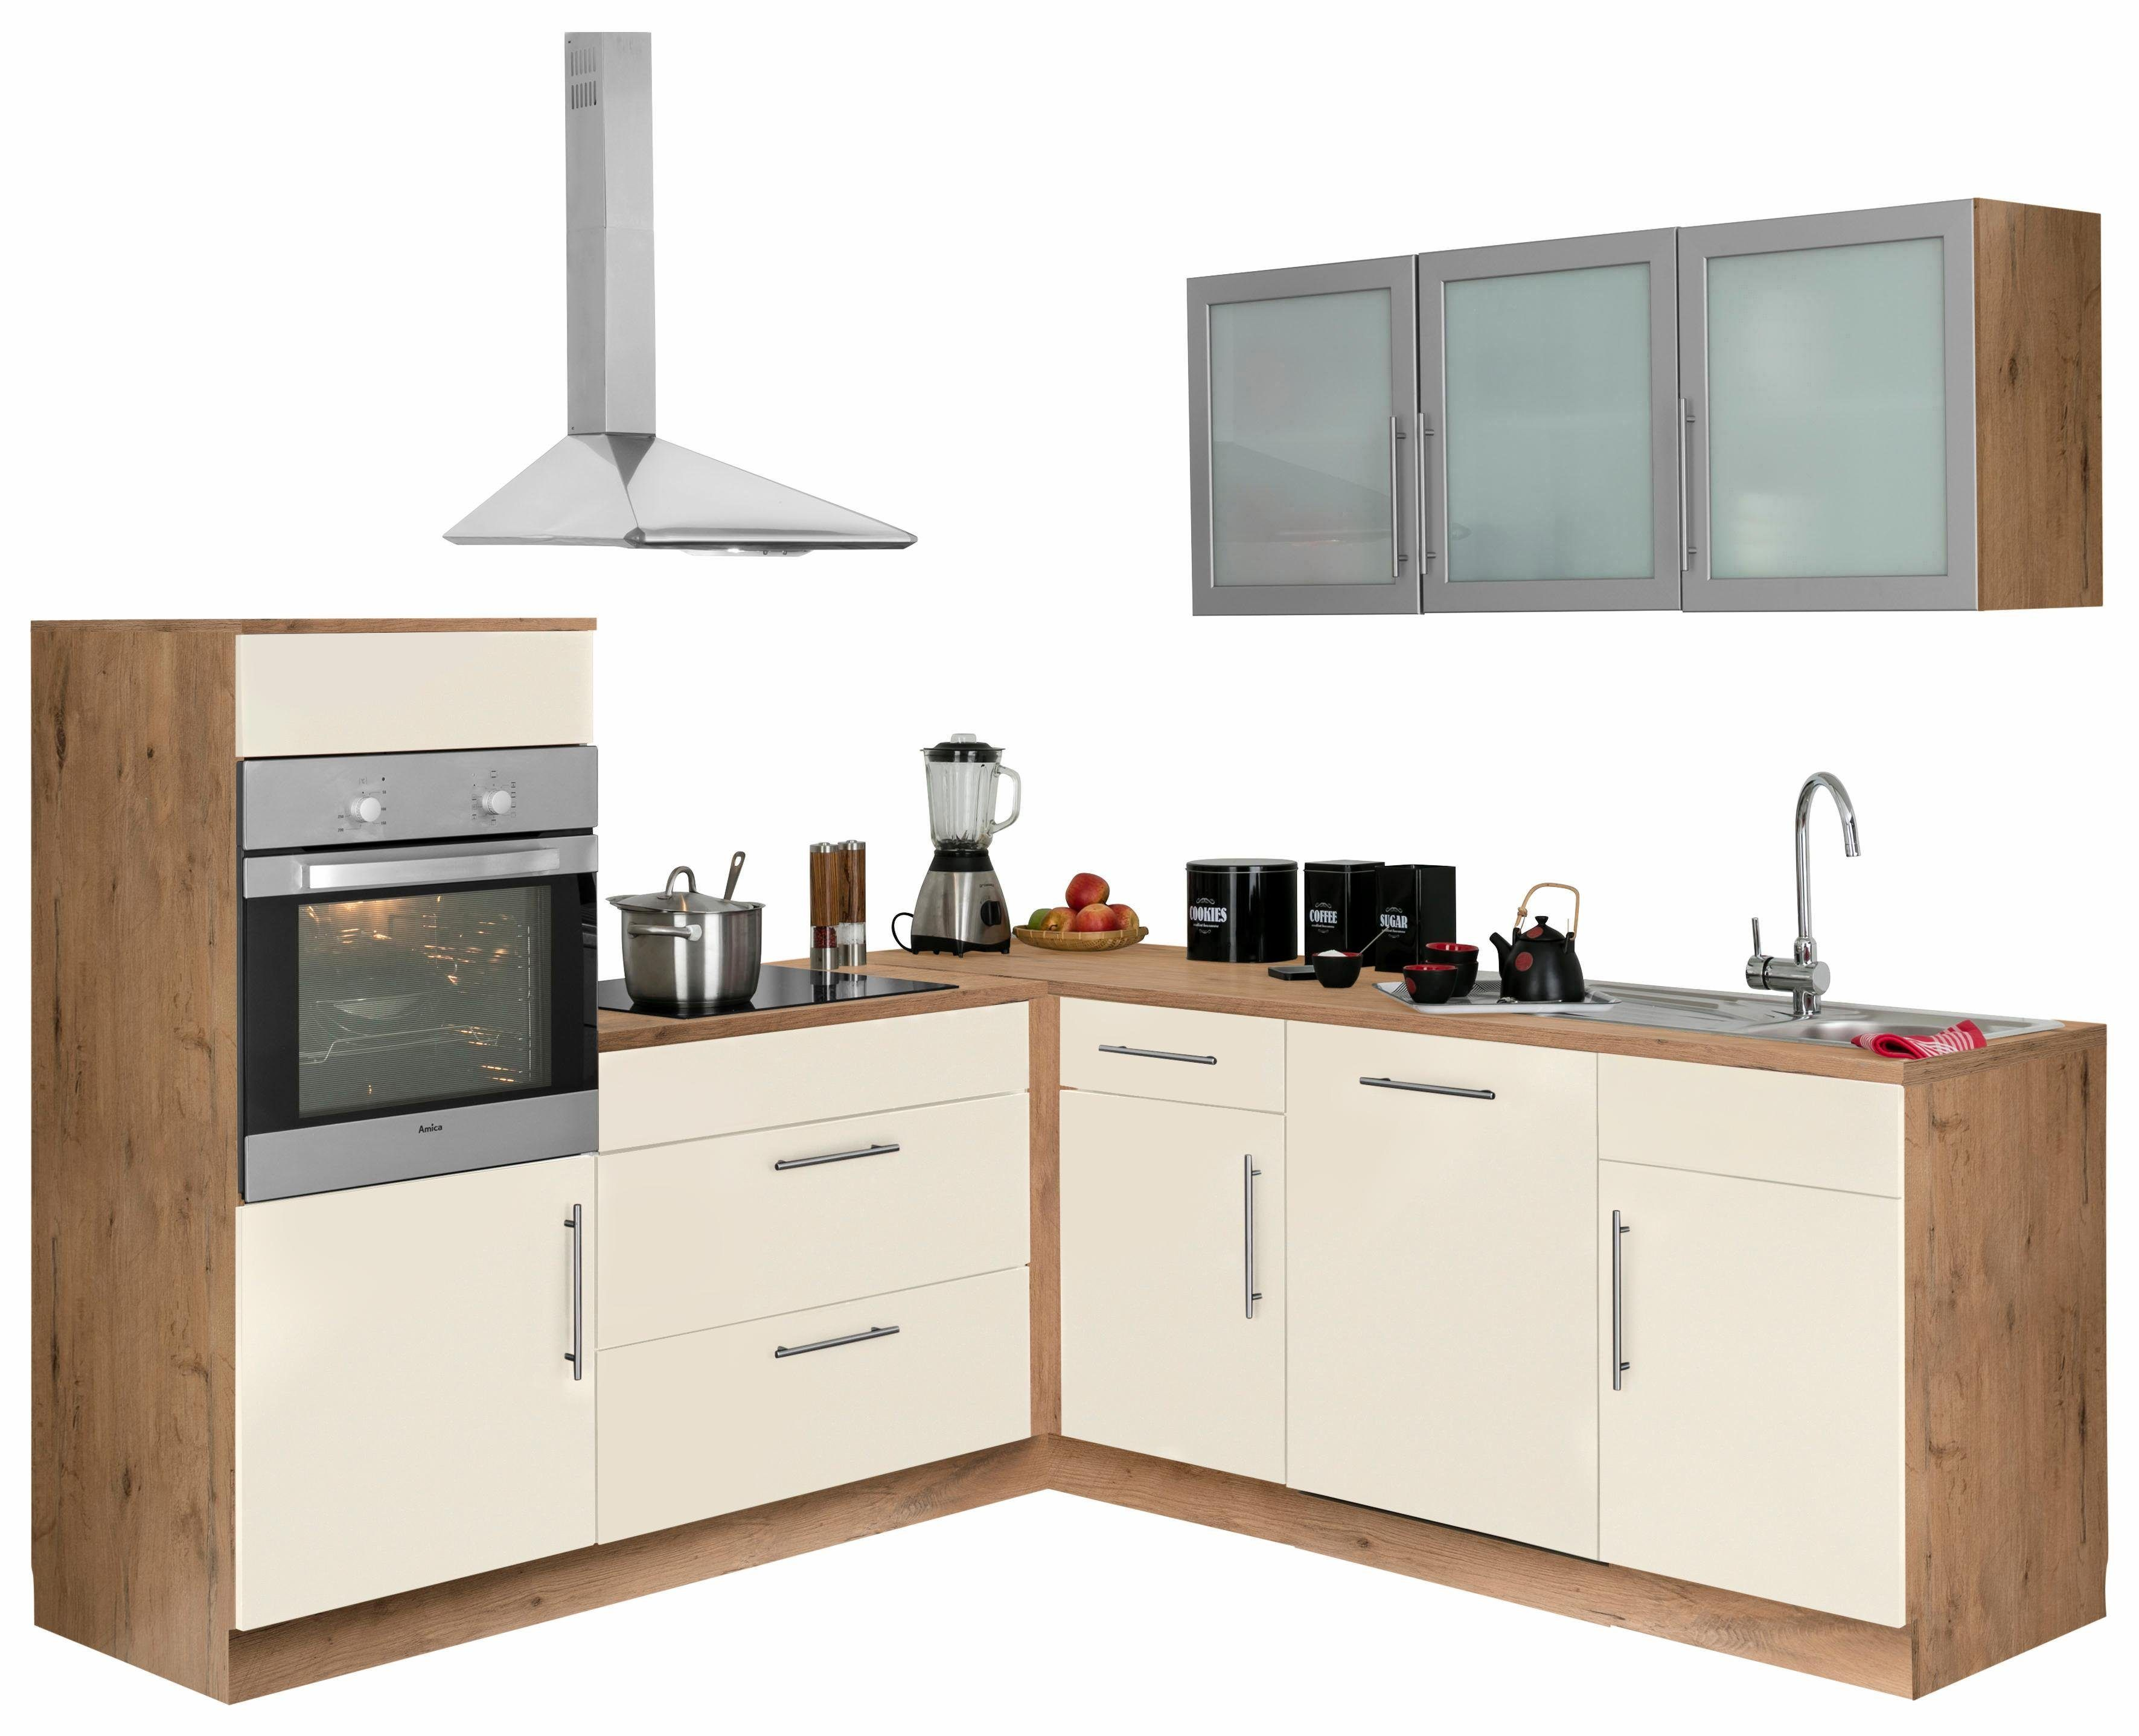 Groß Küchen Mit Geräten Fotos - Die besten Einrichtungsideen ...